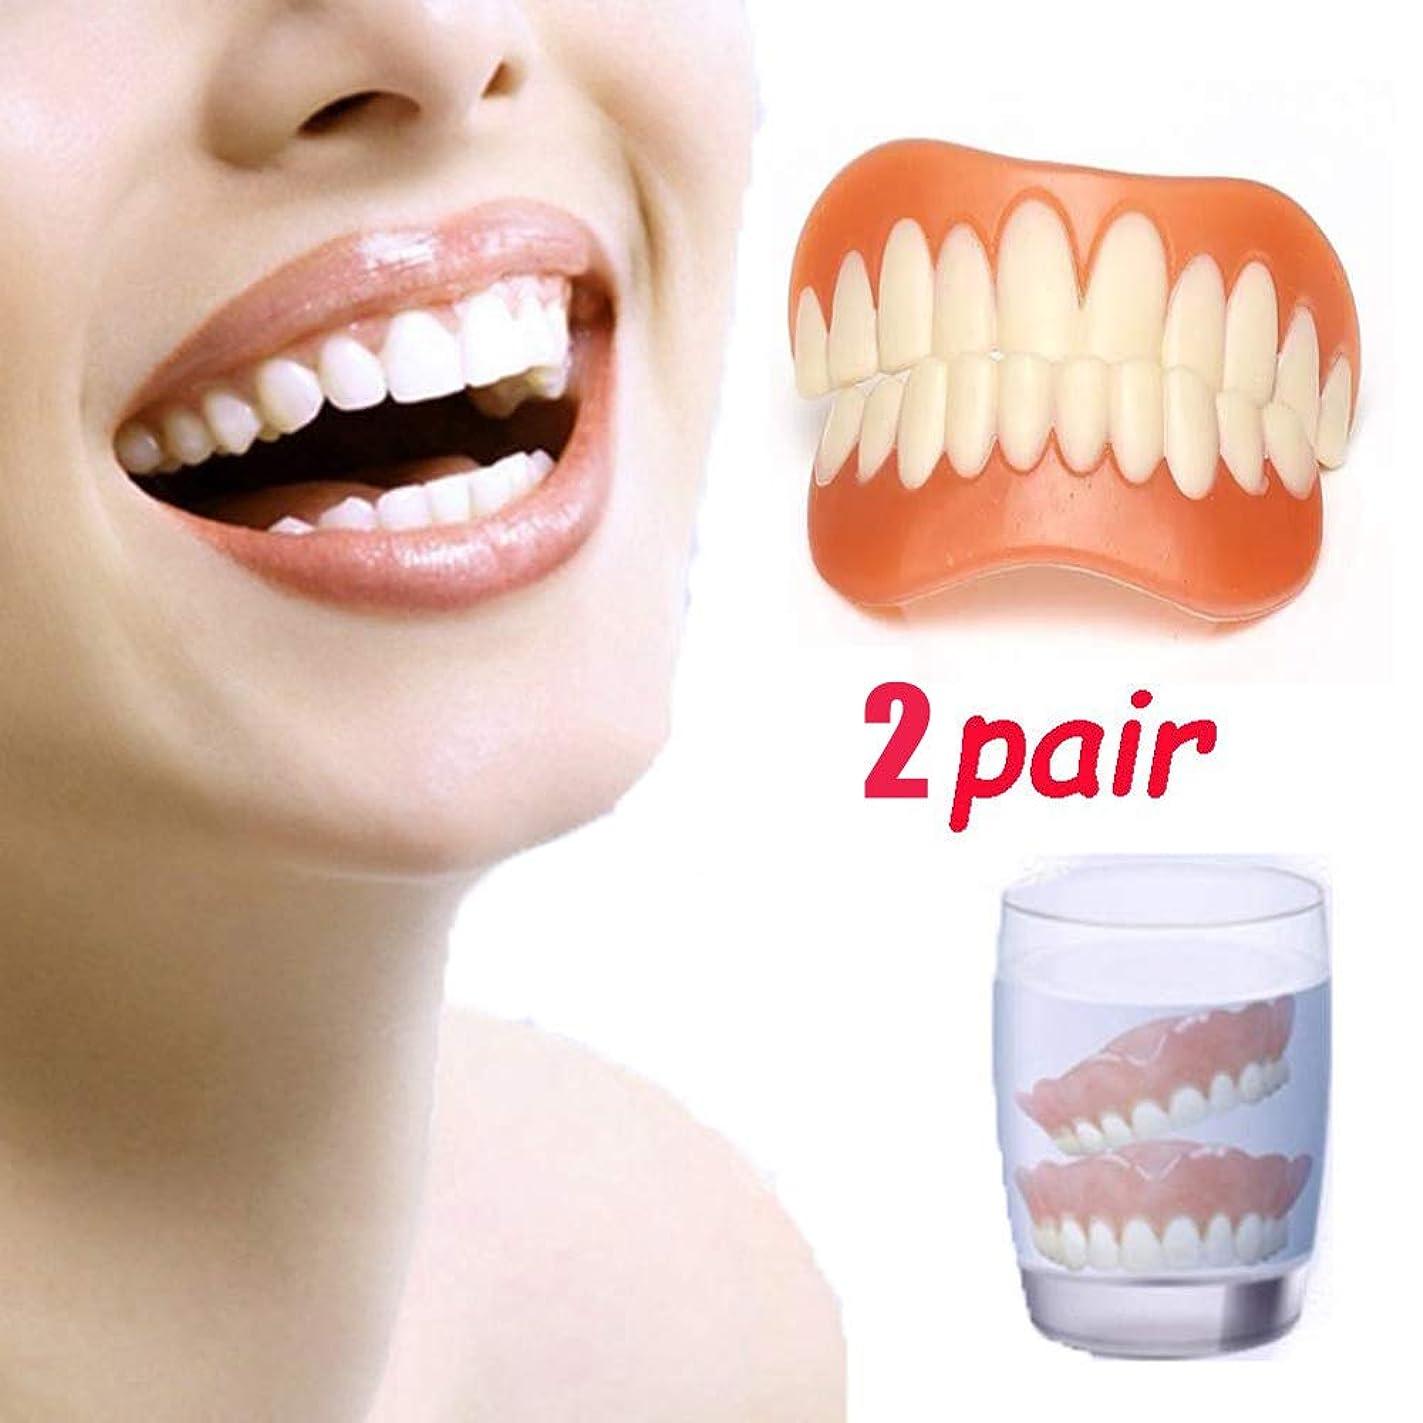 三染色似ている2ペアスナップスマイル化粧品の歯再使用可能な快適さの歯の化粧品のステッカーあなたが常に欲しかったことをその笑顔を得る